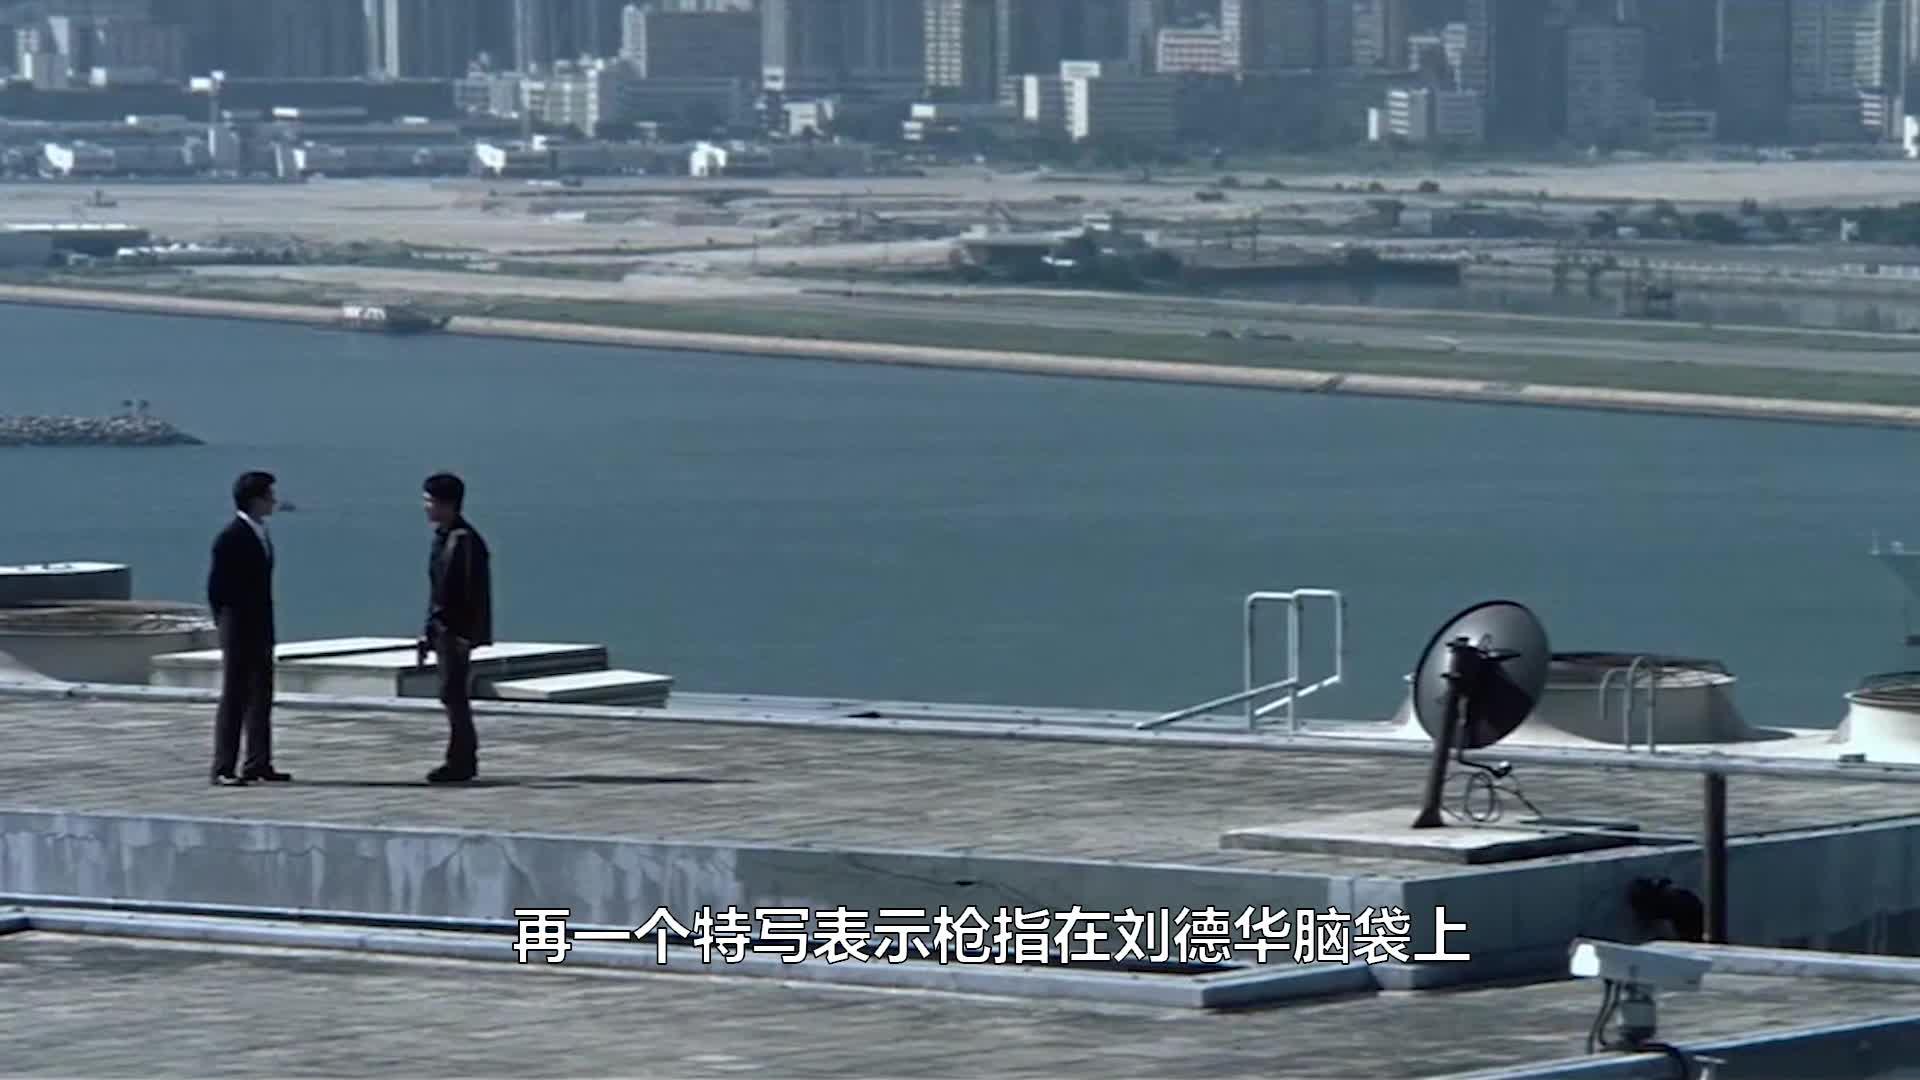 #电影片段#《上海堡垒》背后映射的国产导演的通病